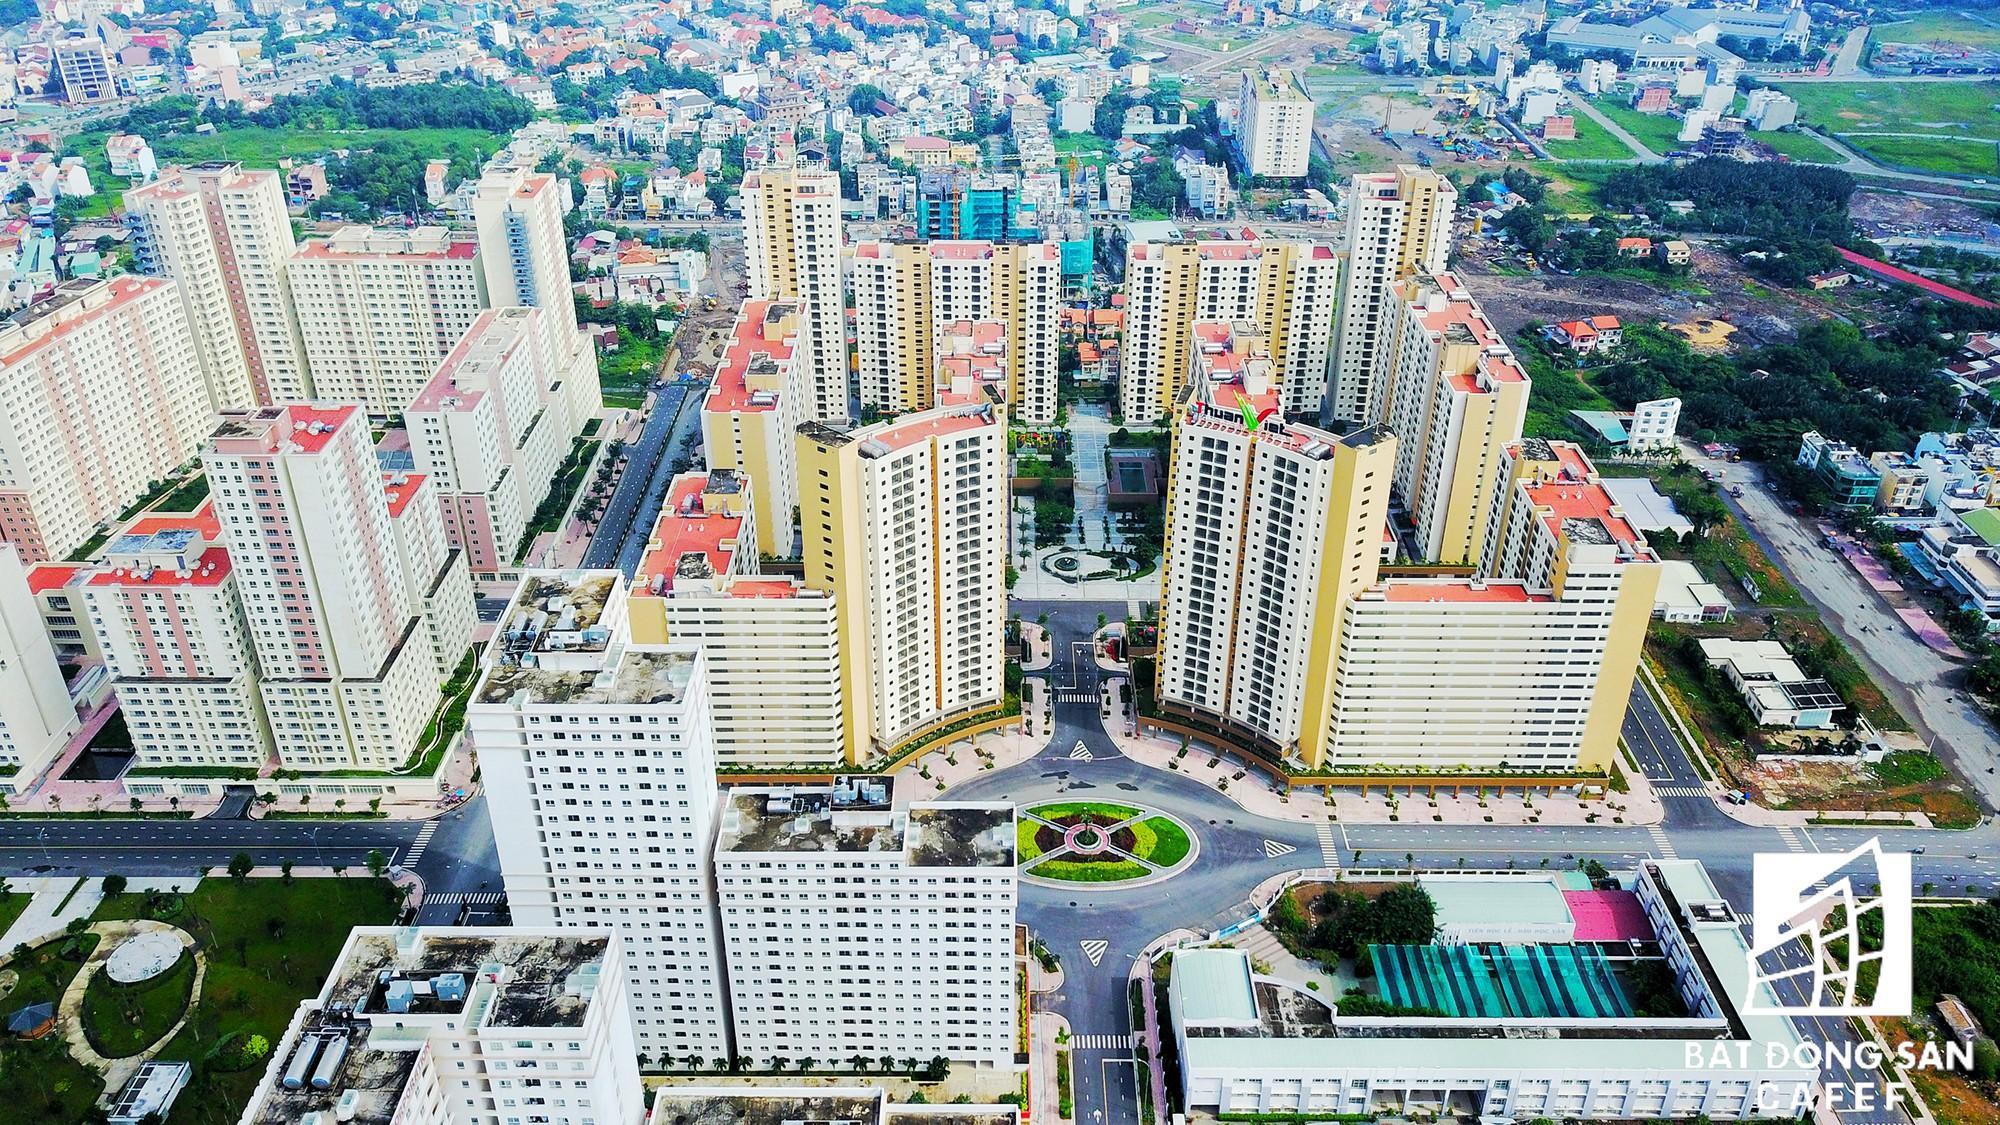 Toàn cảnh khu tái định cư đồ sộ nhất TPHCM, chục nghìn căn hộ không ai ở, bán đấu giá nhiều lần thất bại - Ảnh 6.